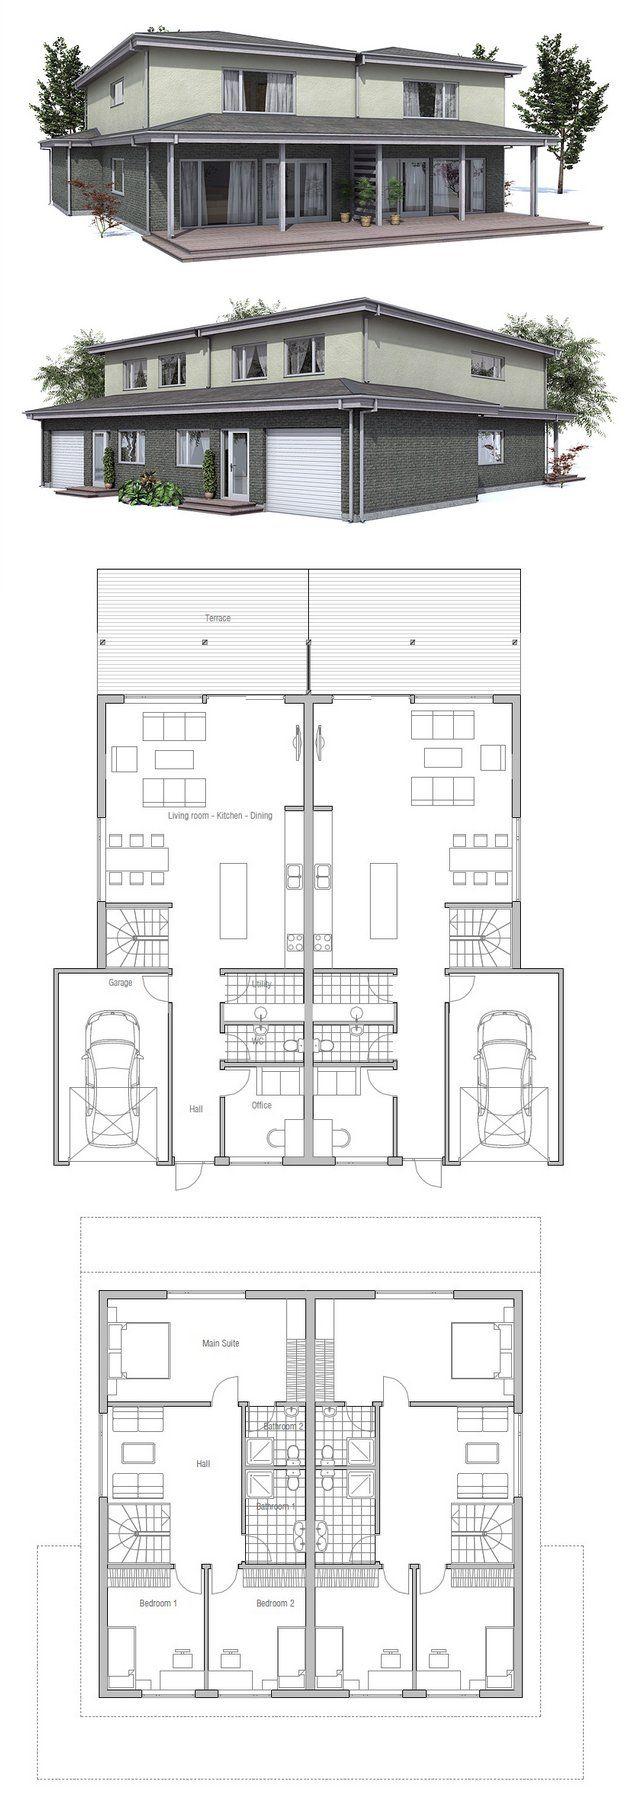 Treppe mit Küche tauschen, damit Herd nah am Fenster; office+Gast WC ...